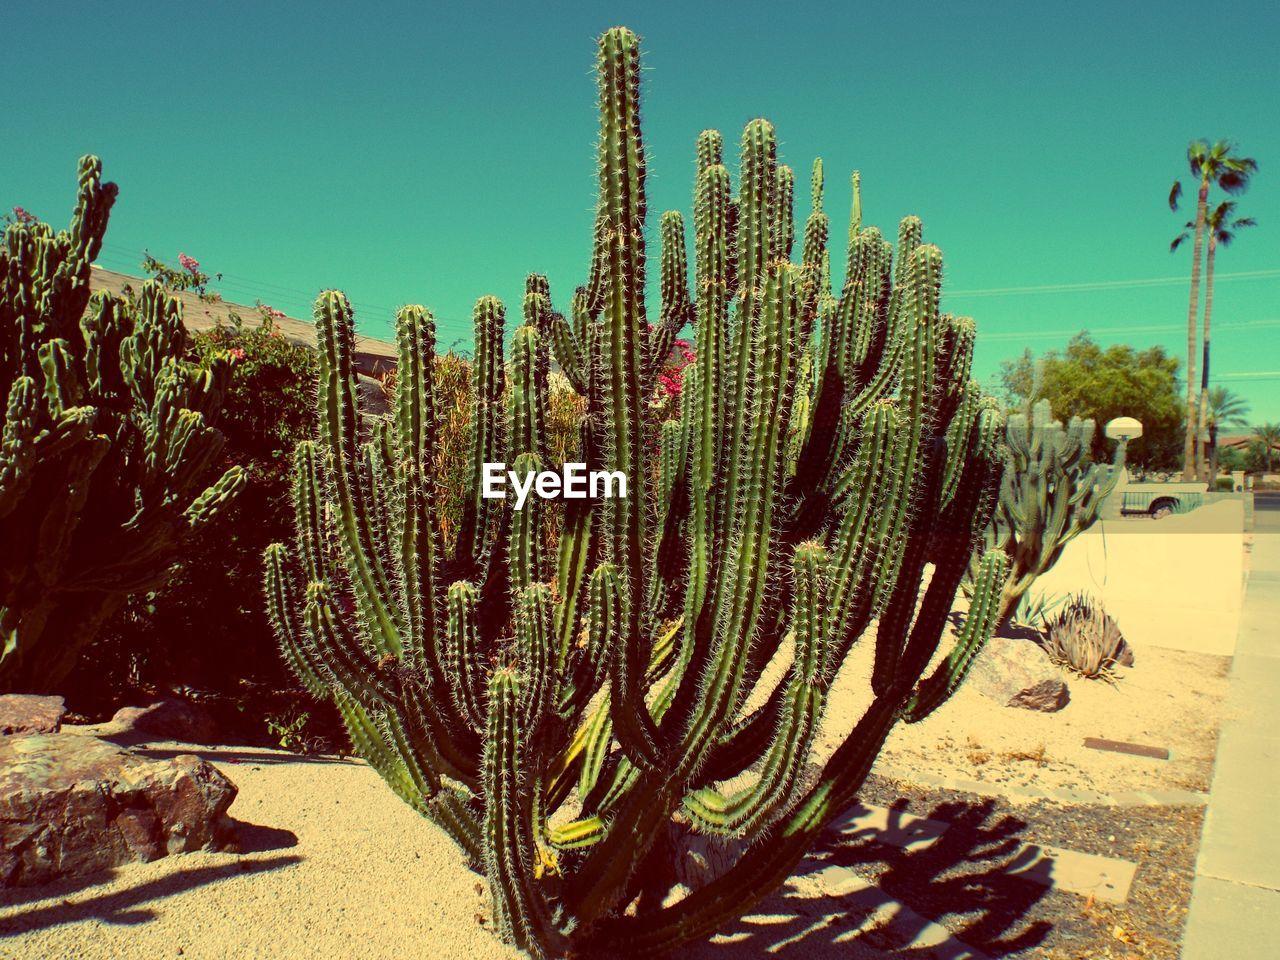 Cactuses Growing In Desert